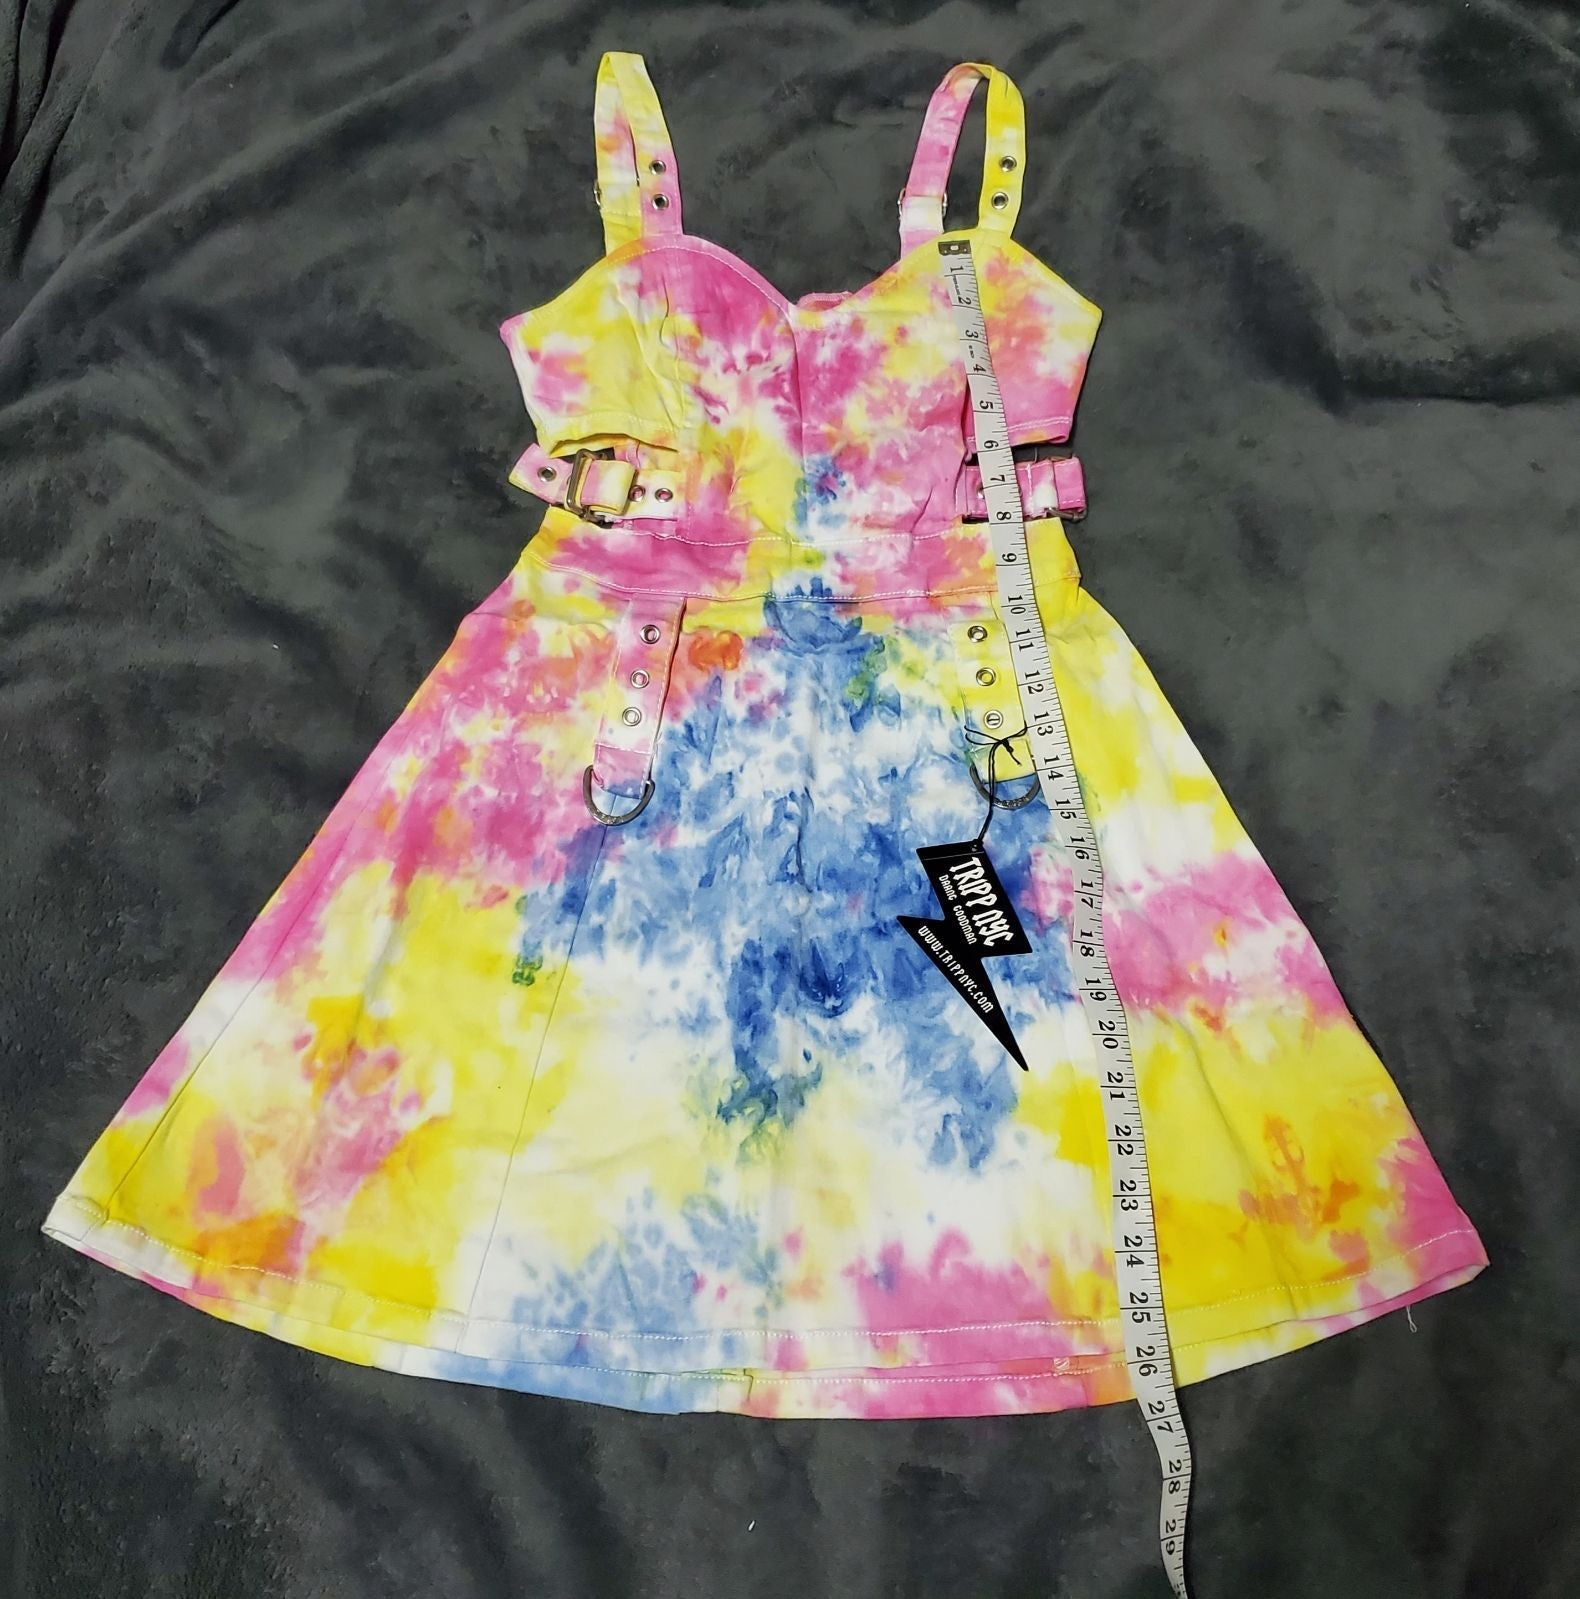 TRIPP nyc tie dyed buckle dress XS